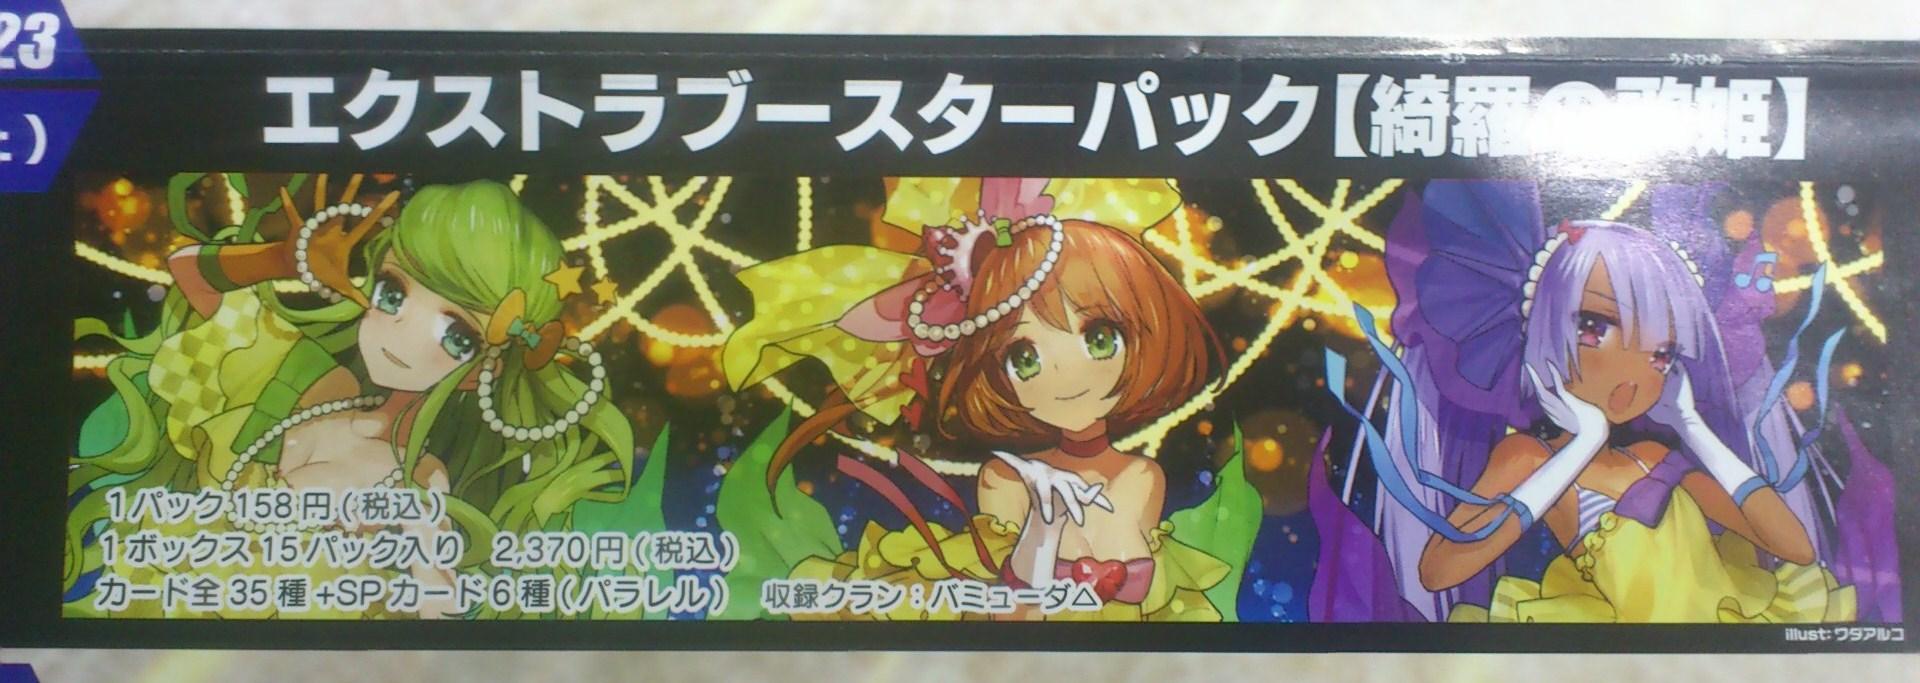 綺羅の歌姫告知ポスター